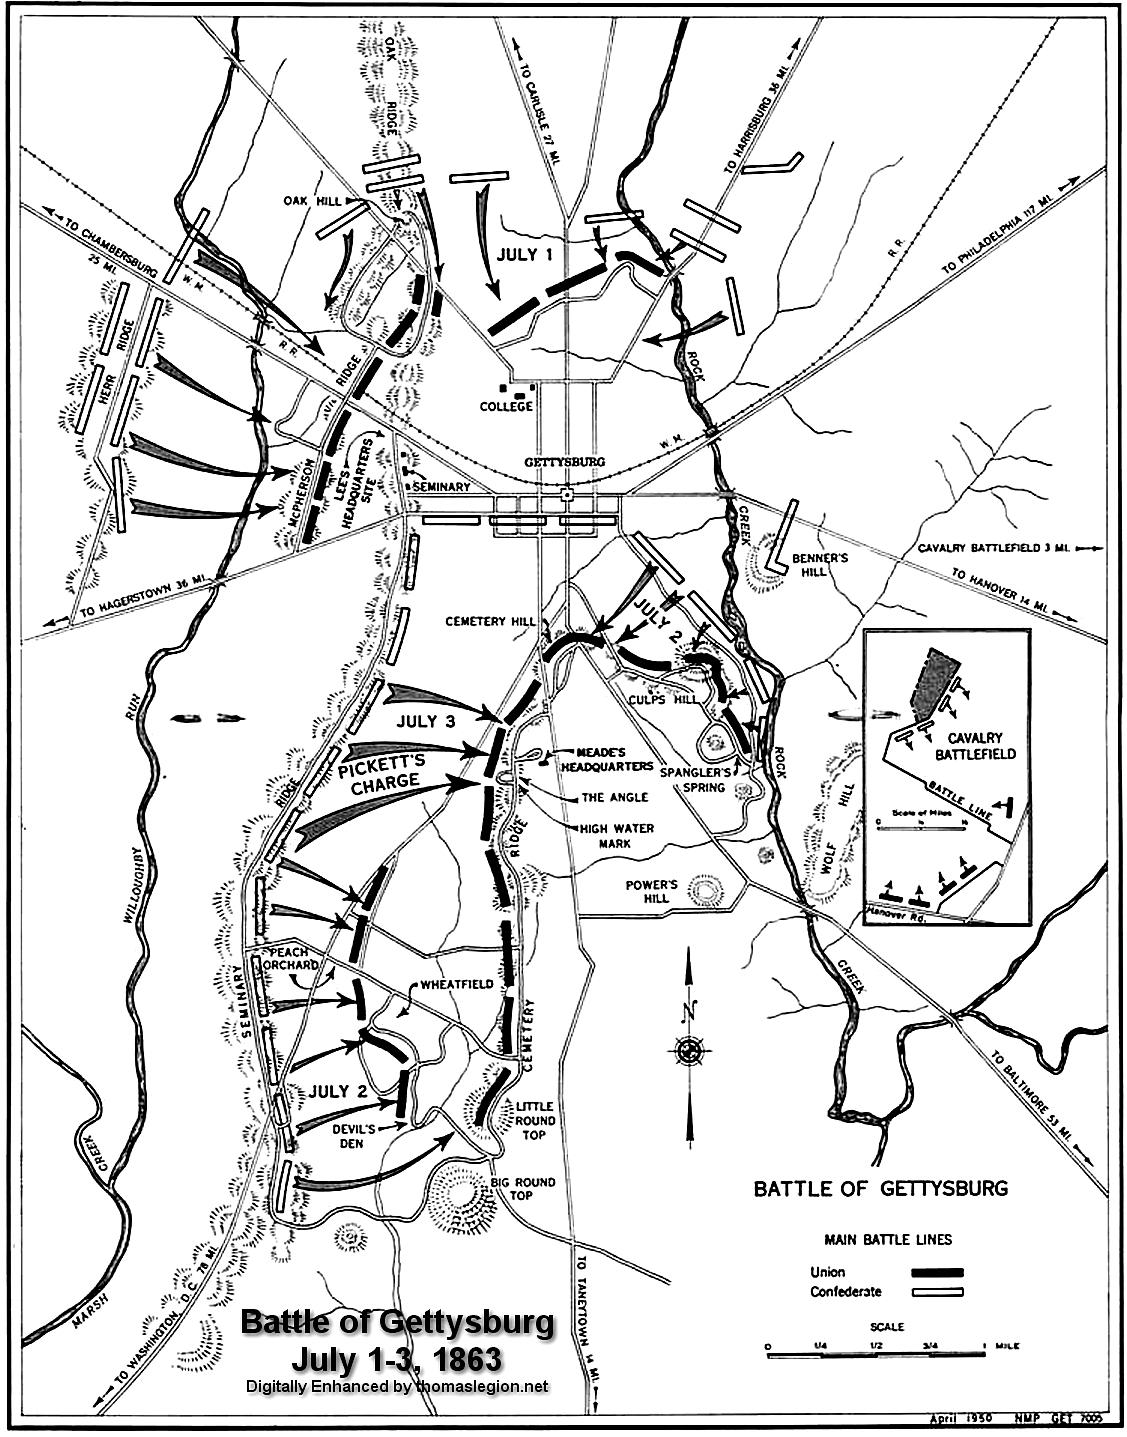 Battle Of Gettysburg Civil War Casualties Total Soldiers Us - Gettysburg-on-us-map